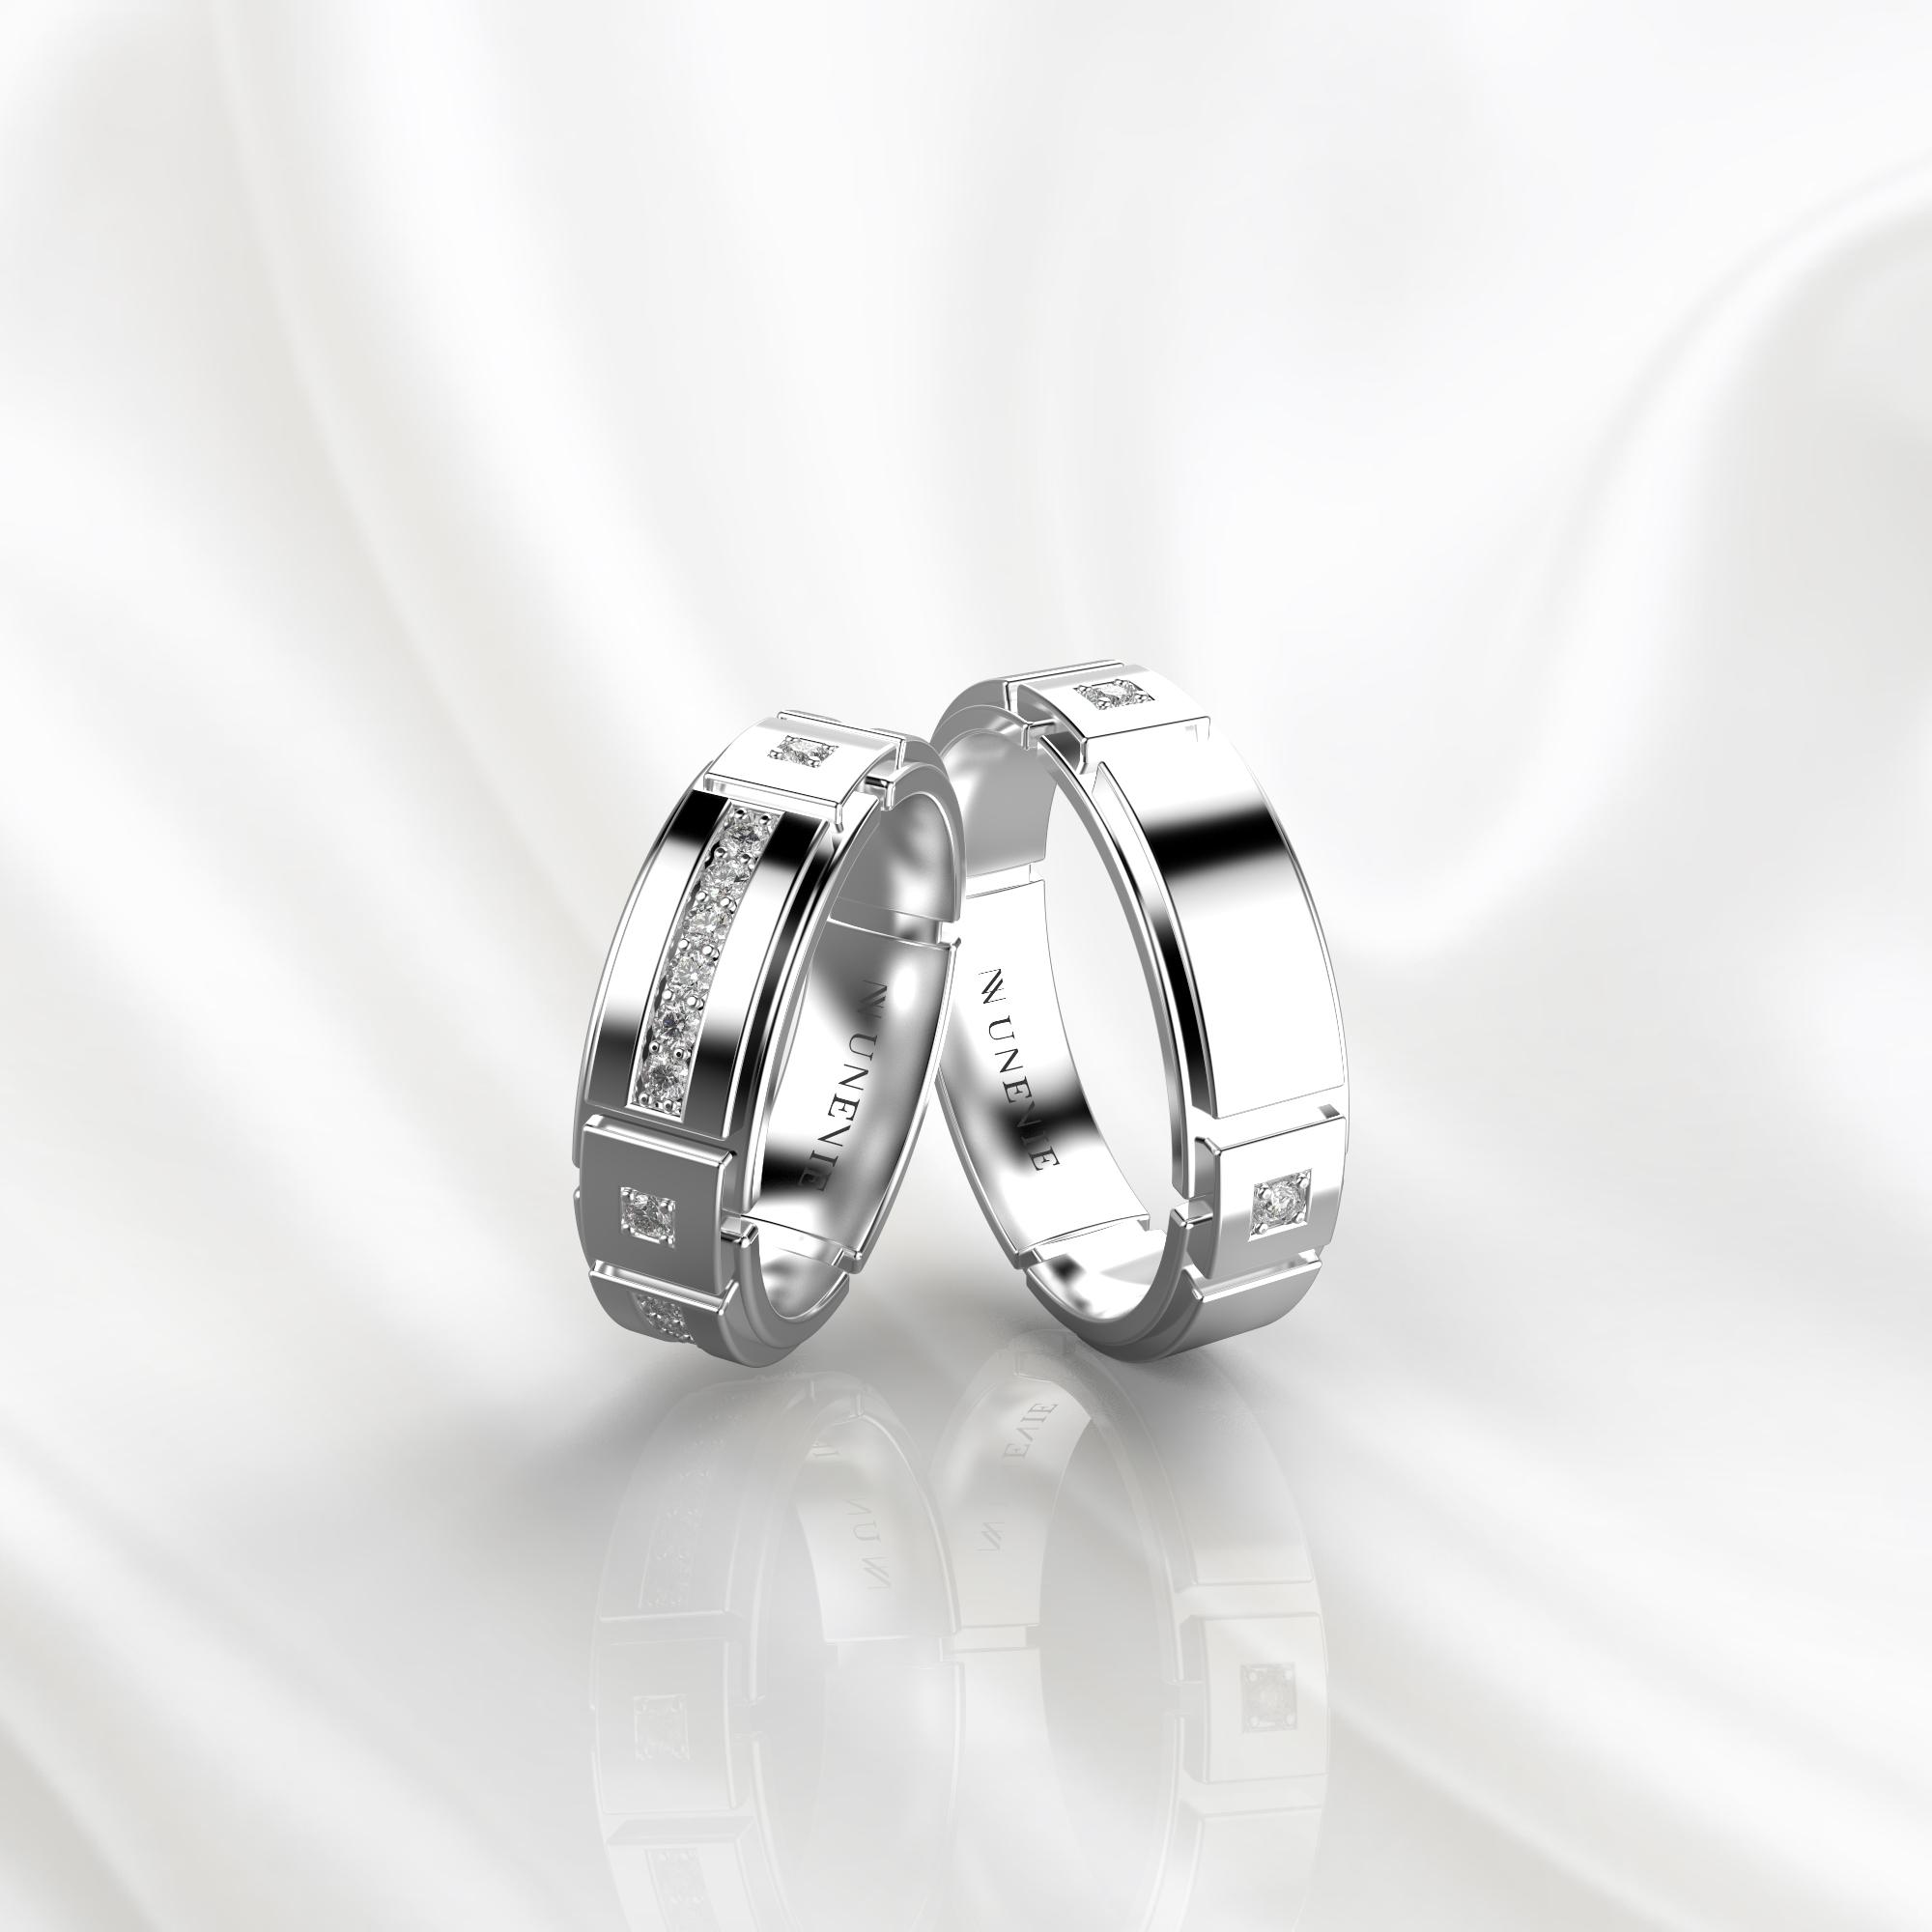 NV75 Парные обручальные кольца из белого золота с бриллиантами